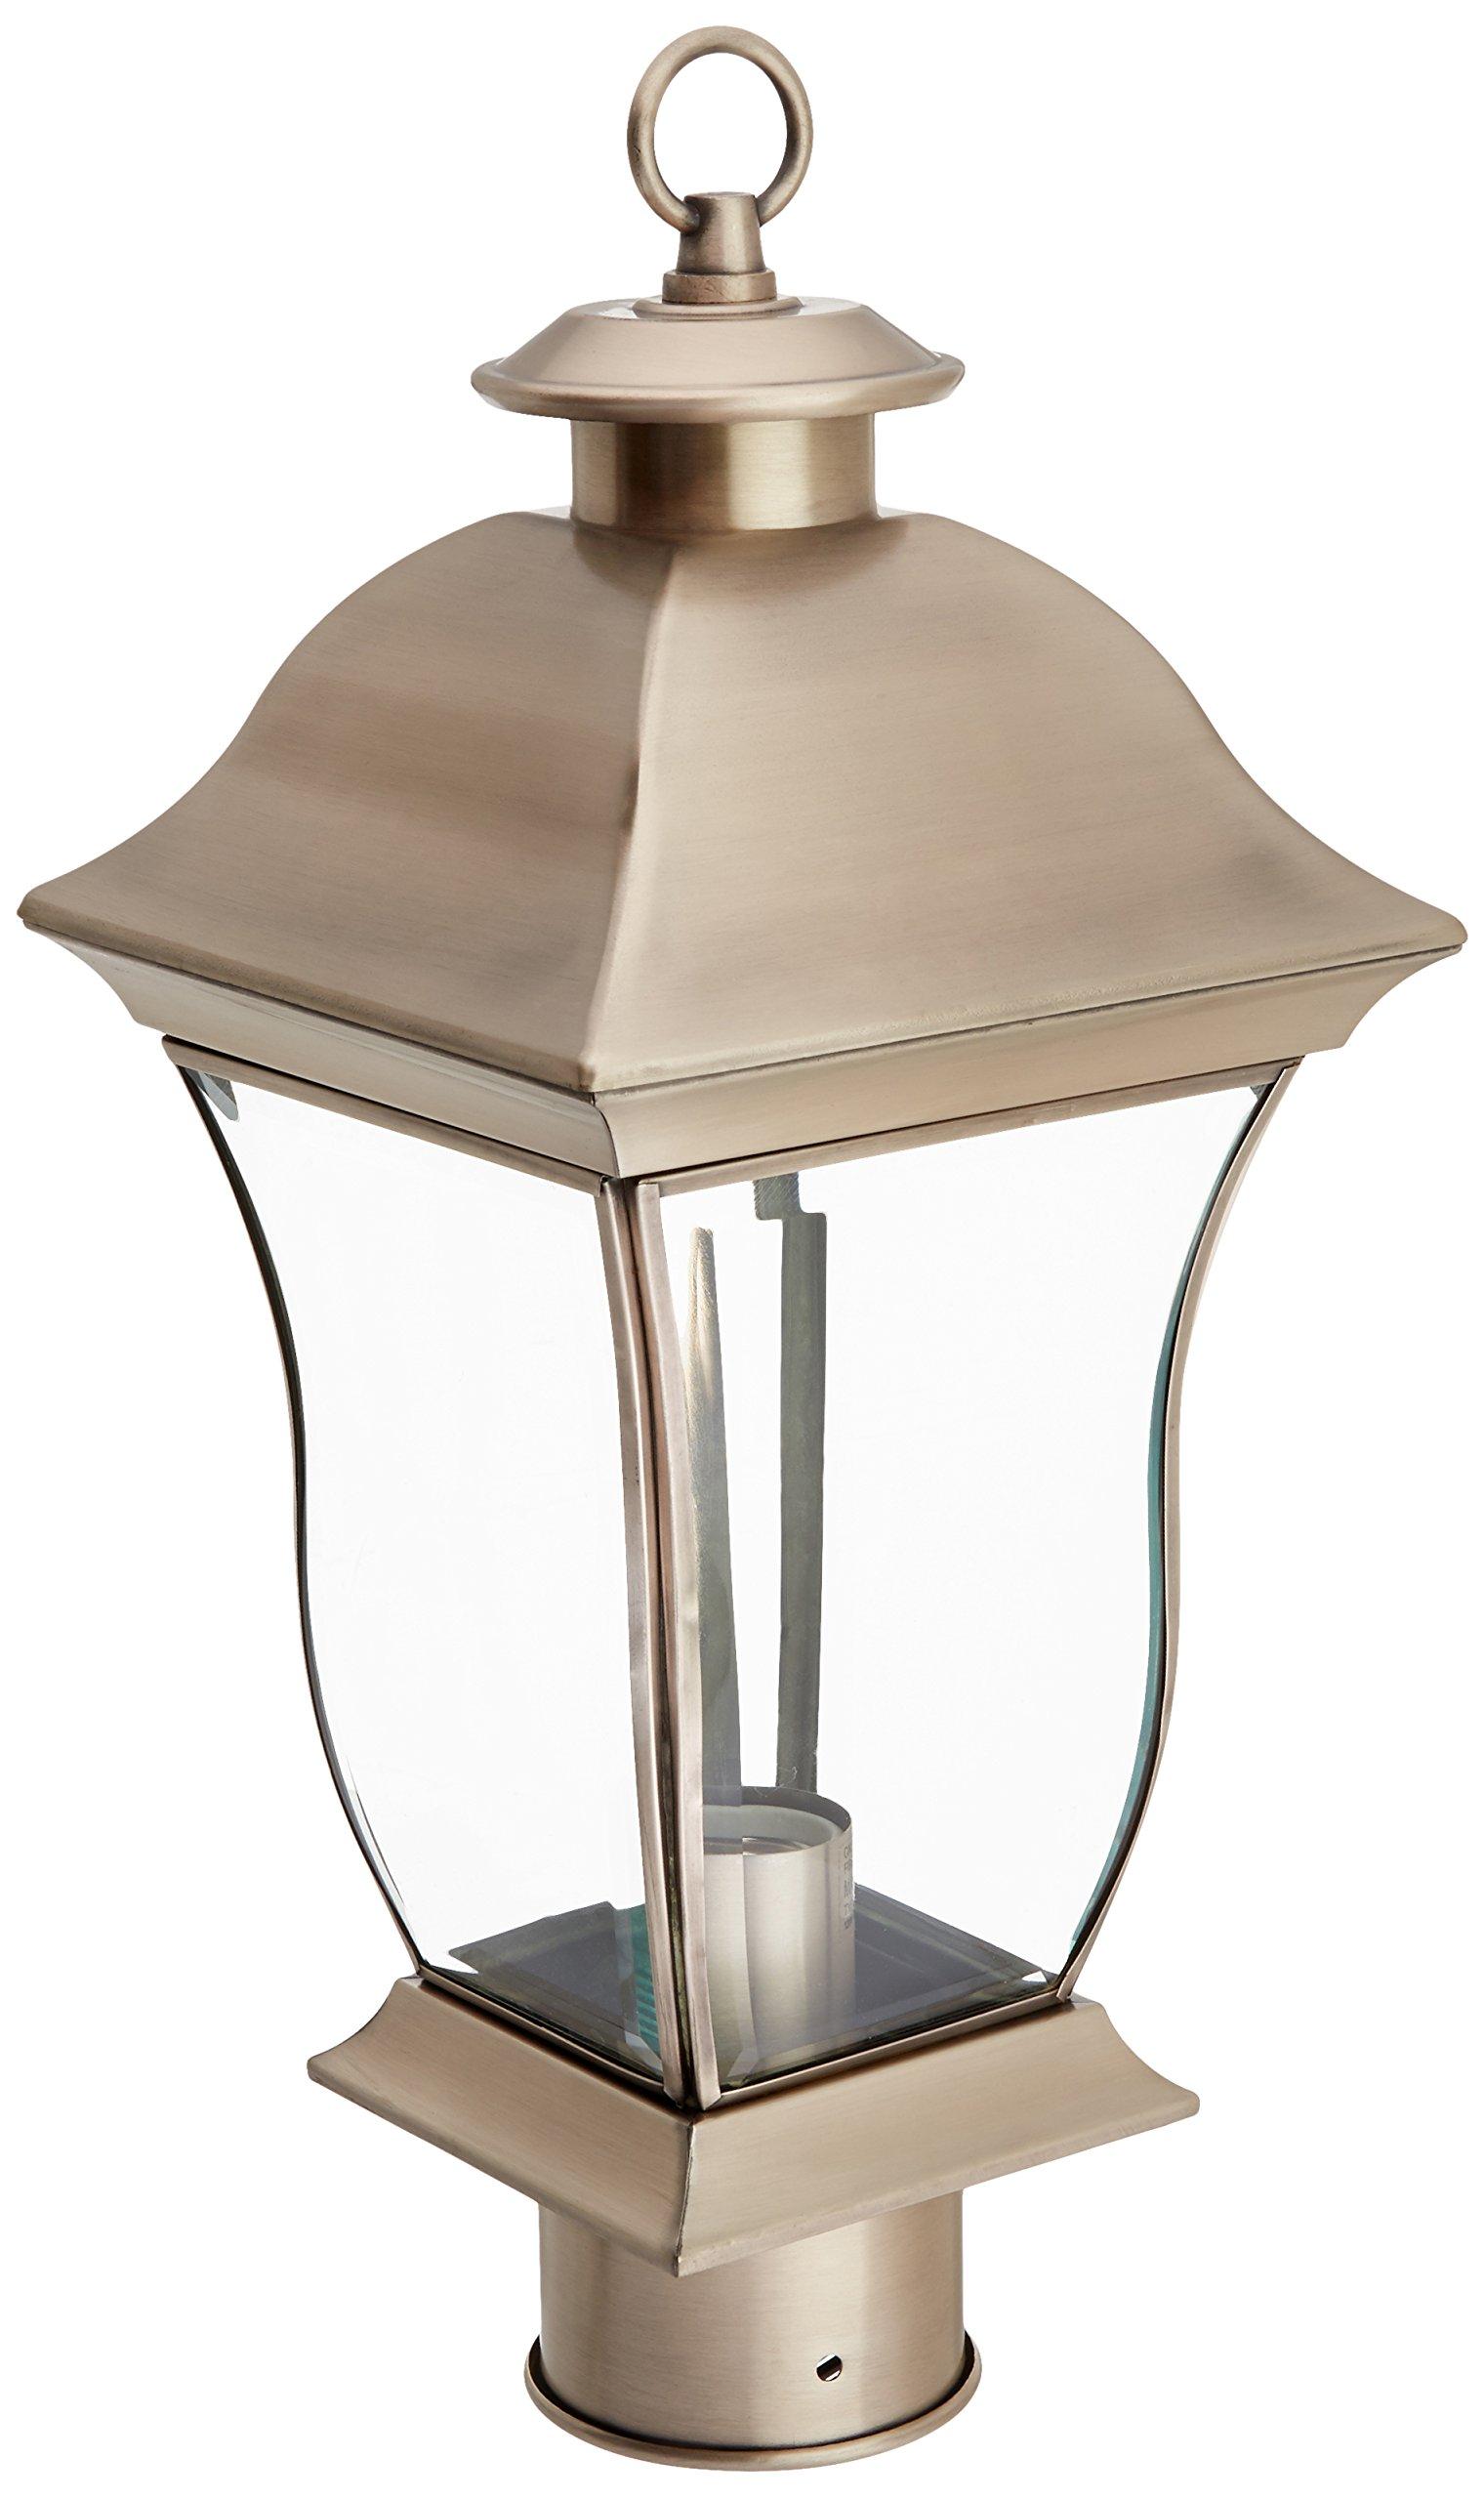 Trans Globe Lighting 4972 BN Outdoor Downing 17'' Postmount Lantern, Brushed Nickel